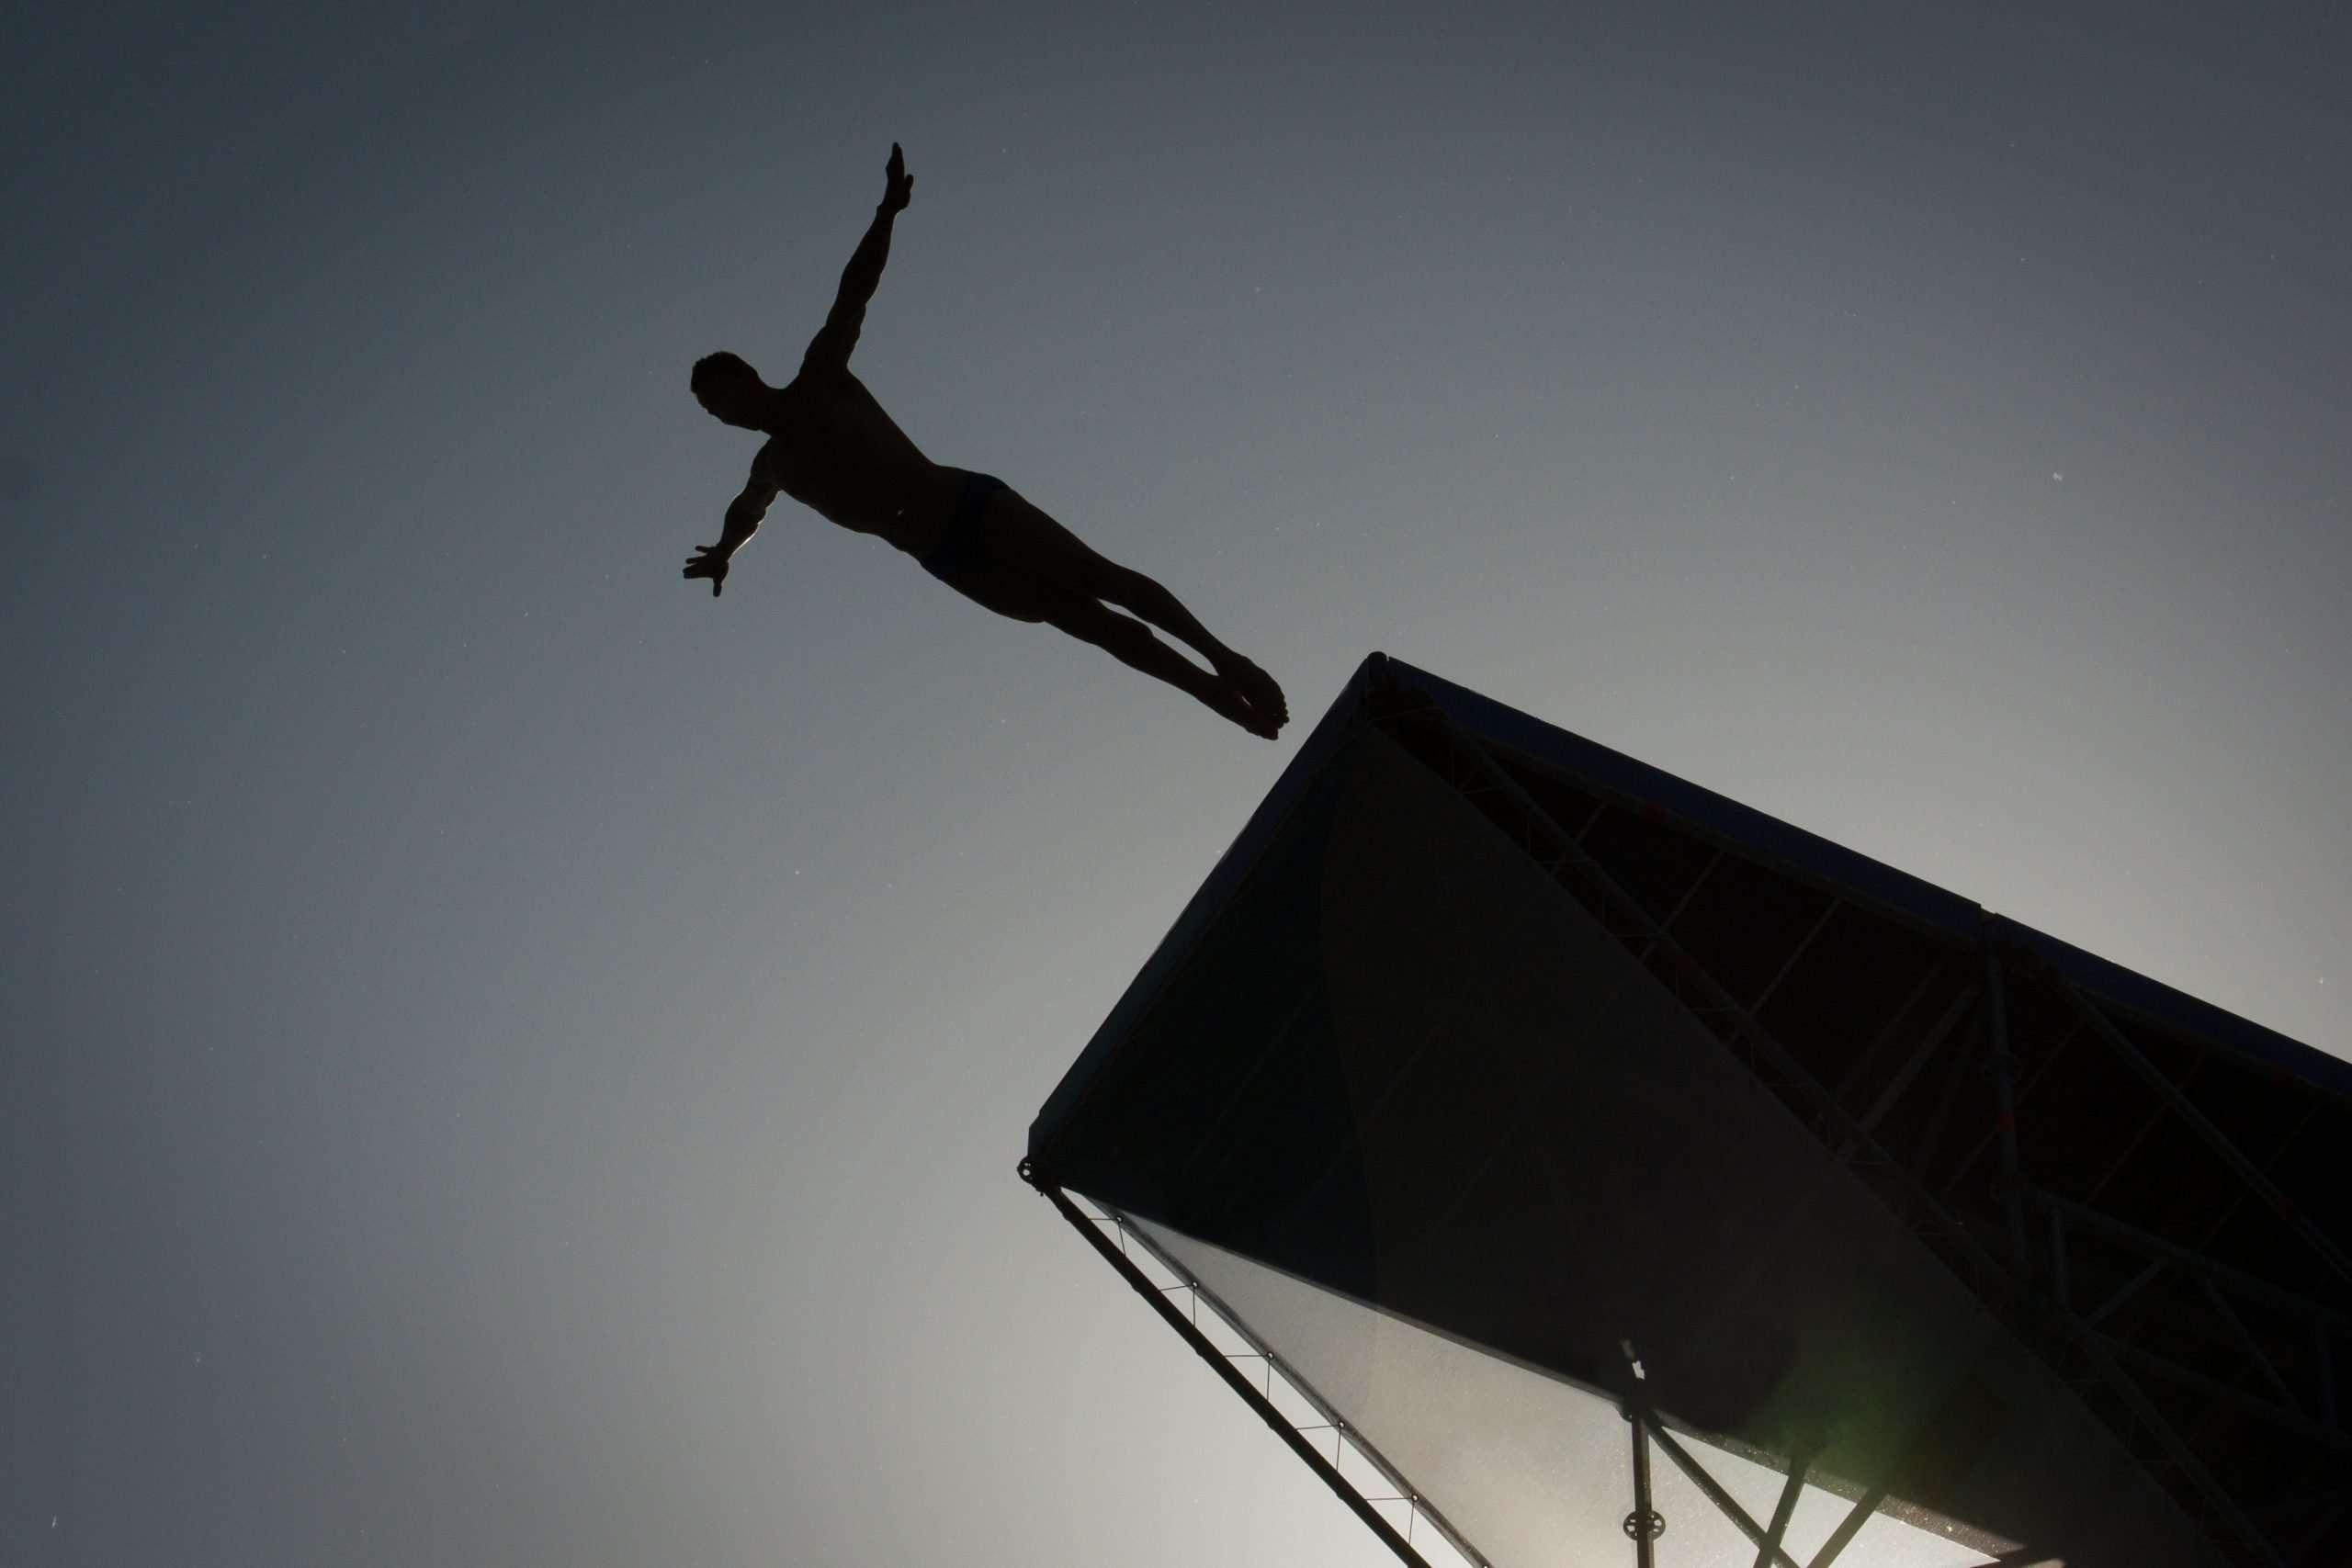 Hãy dũng cảm, mạnh dạn và có một bước nhảy vọt của niềm tin